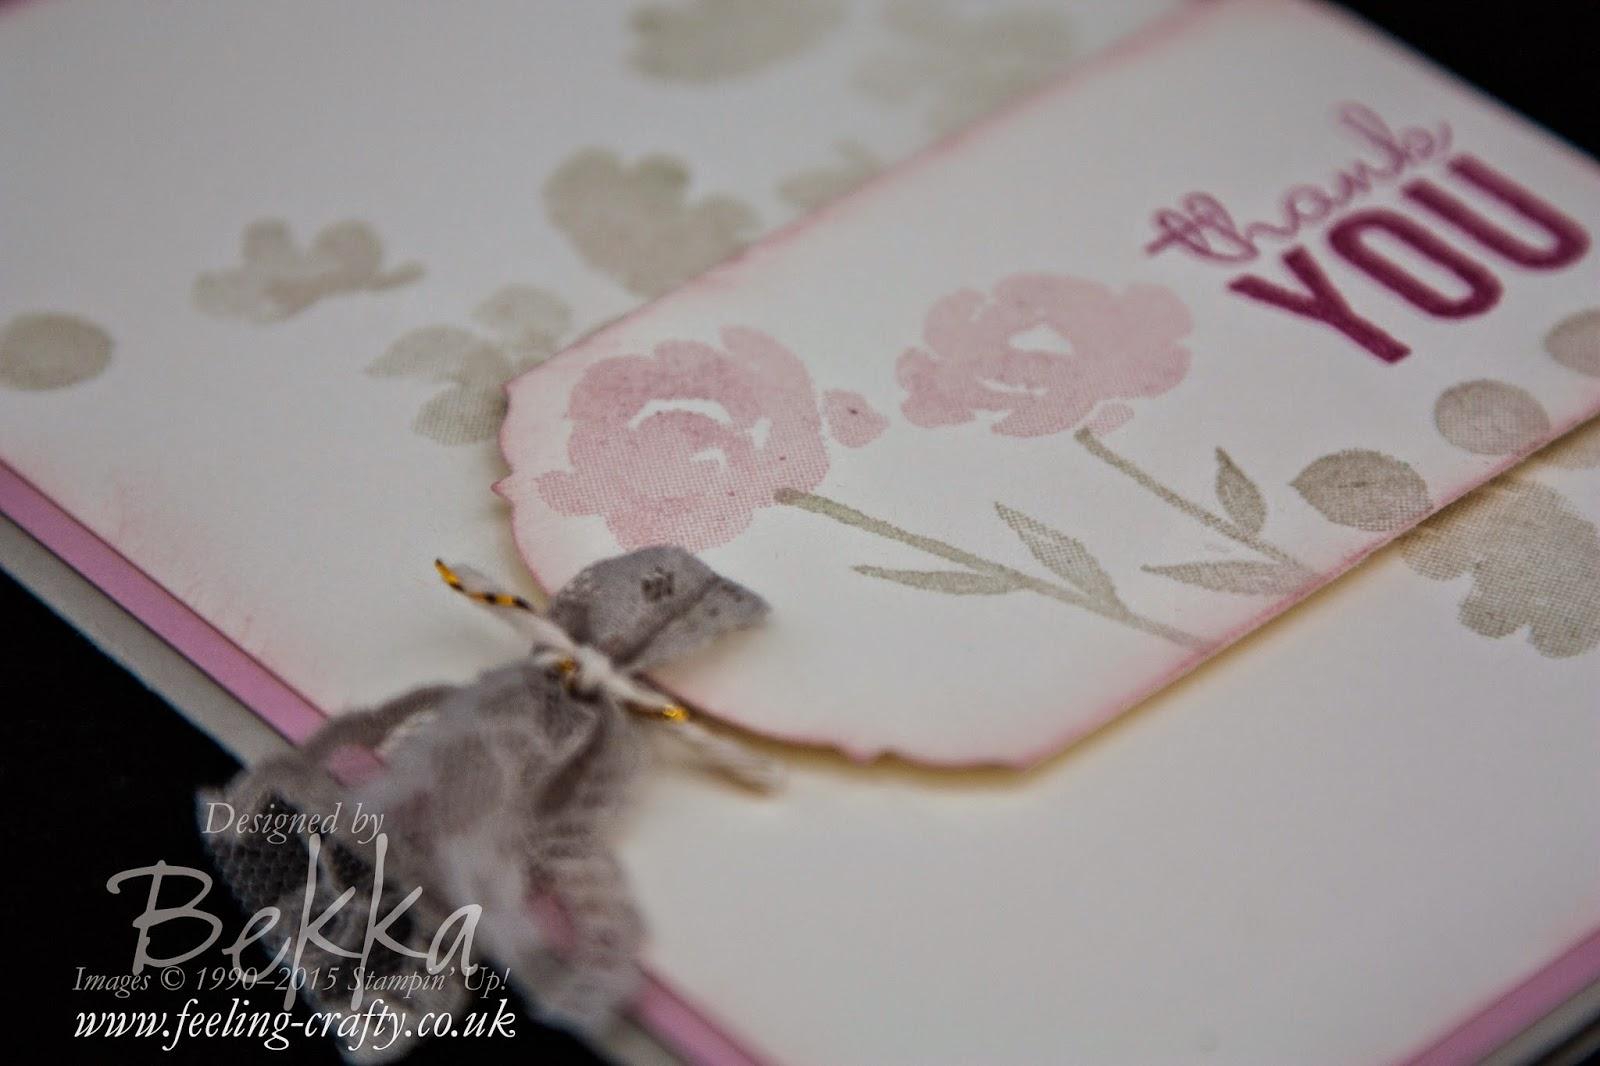 Vintage Painted Petals Ornate Tag Card